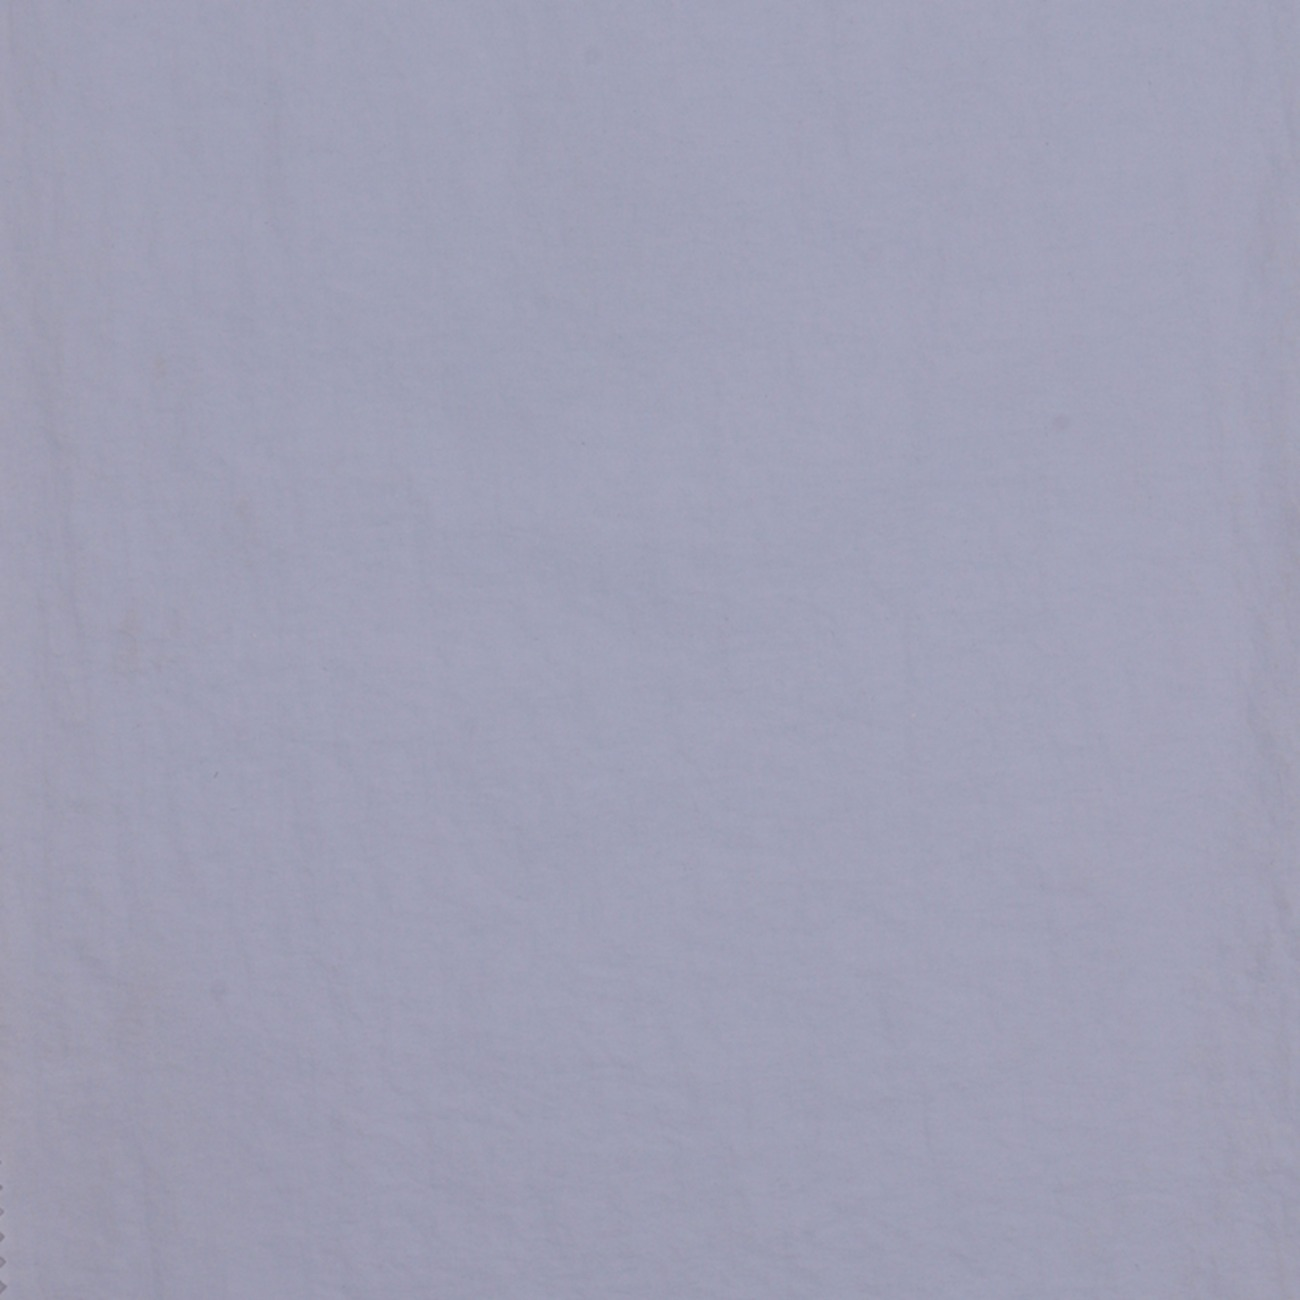 期货 素色平纹梭织外套风衣无弹柔软 春秋冬 羽绒服 61219-63